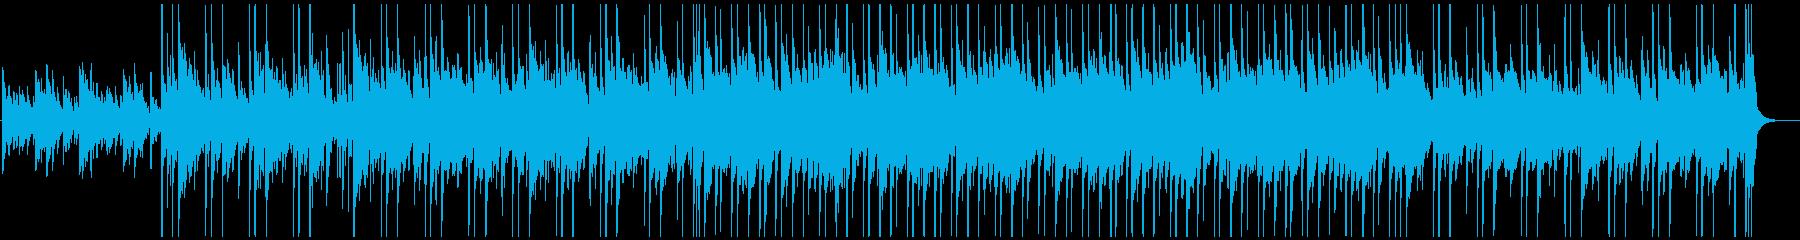 ピアノとアコギがメインのほんわかBGMの再生済みの波形